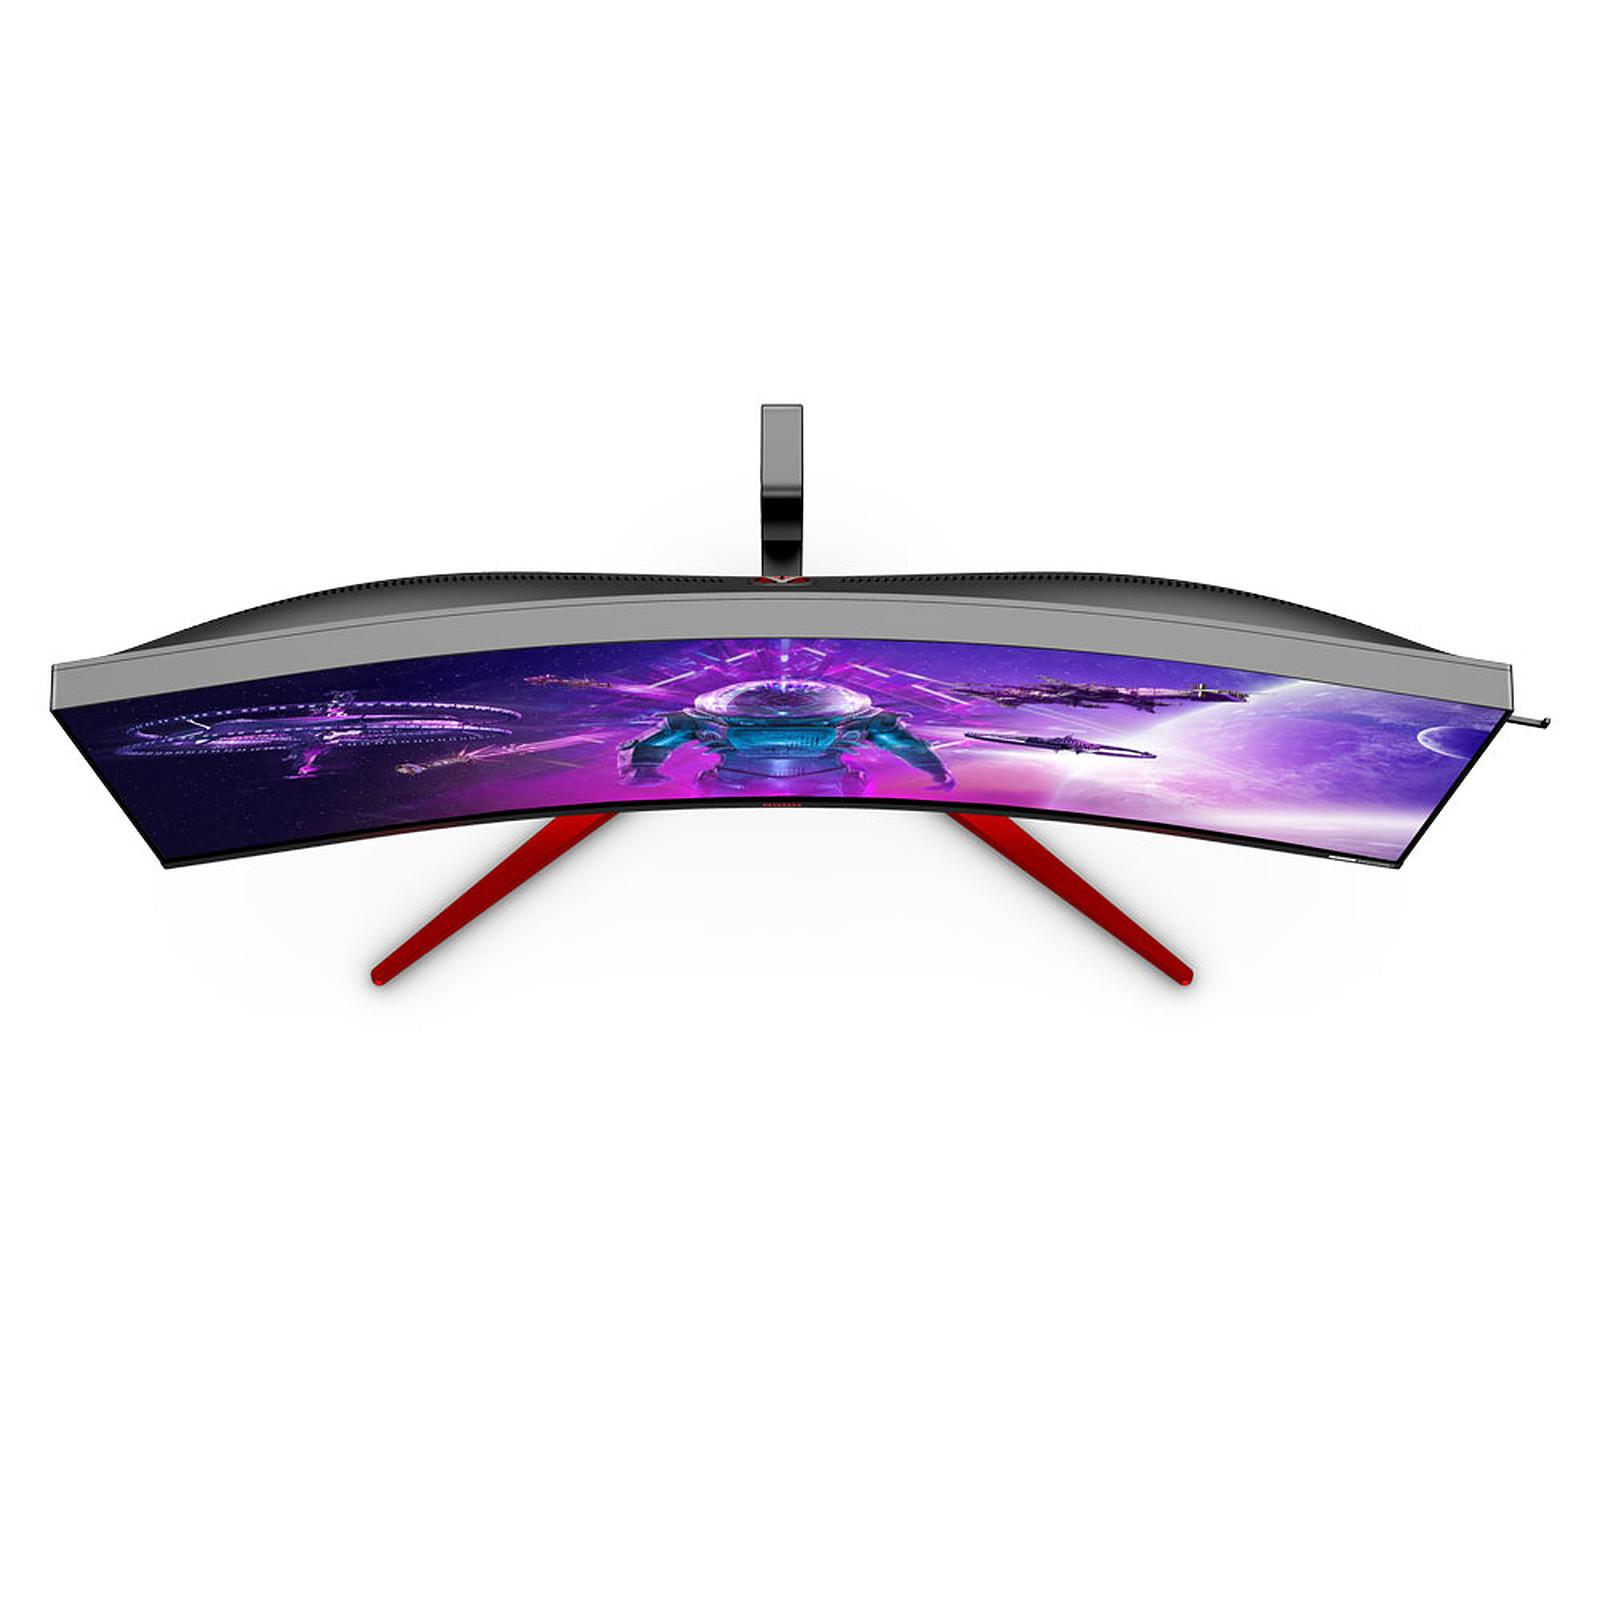 """AG353UCG - 35"""" incurvé VA/2ms/WQHD/200Hz/G-Sync/DP/HDMI (AG353UCG) - Achat / Vente Ecran PC sur Picata.fr - 2"""